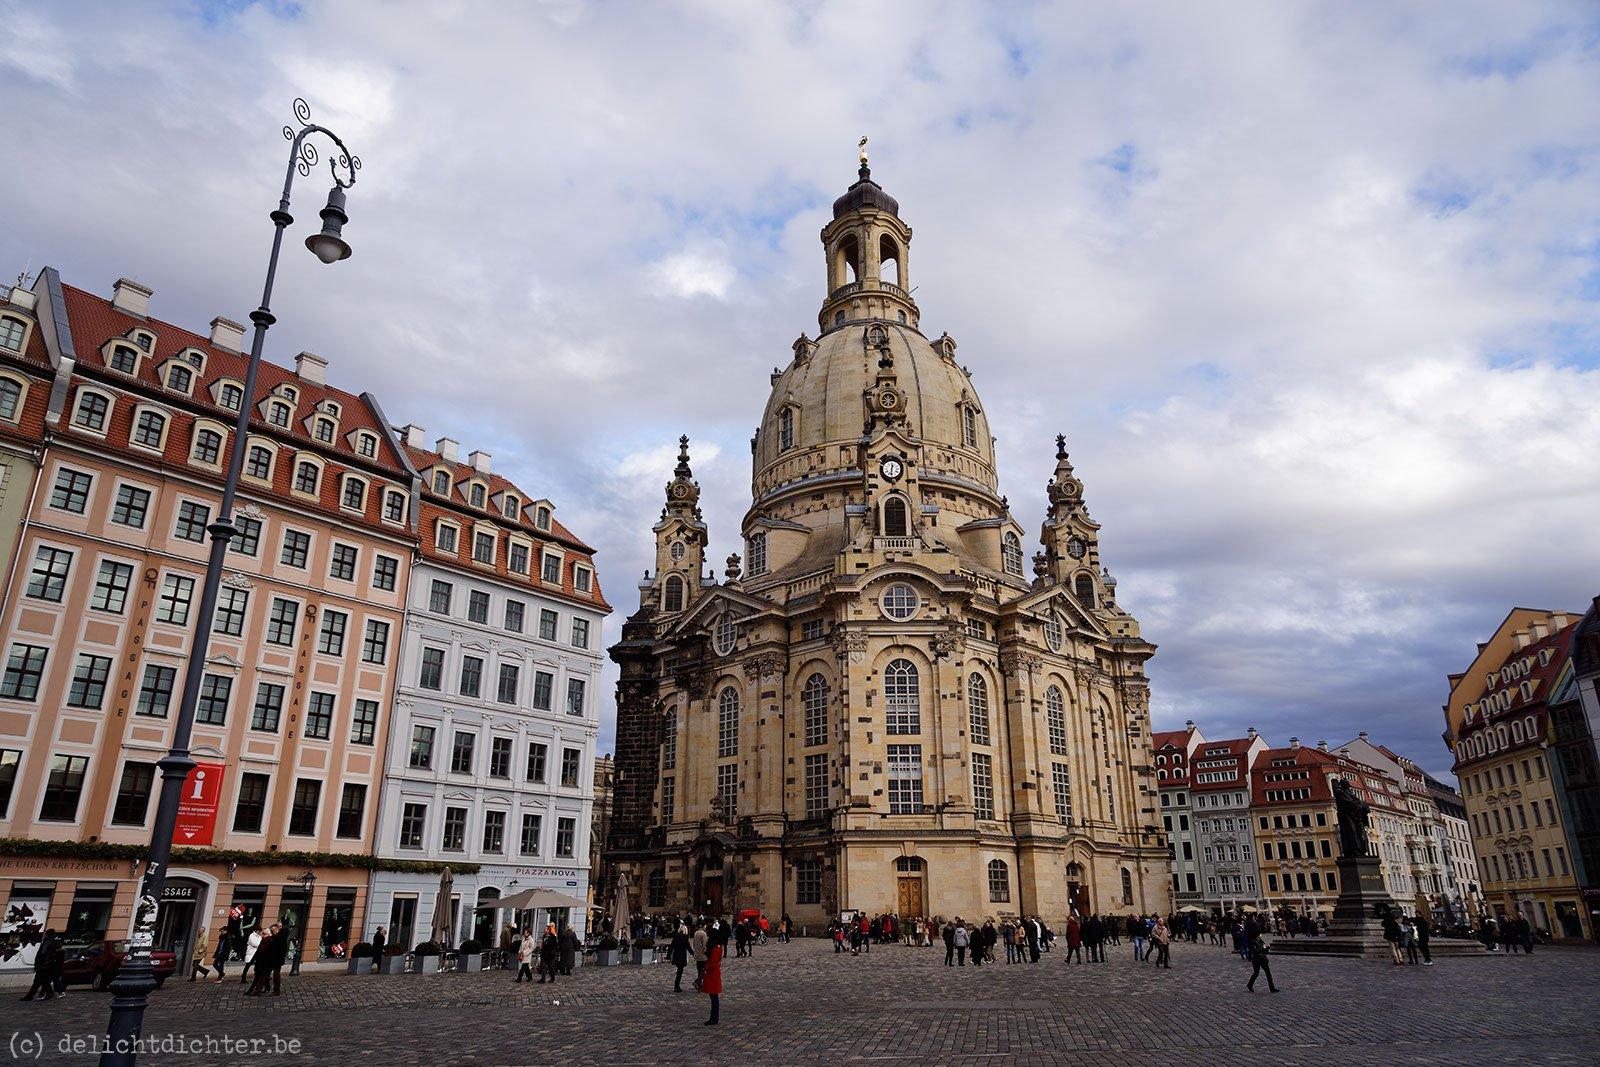 2015_12_Dresden_20151225_132331_DxO_v10